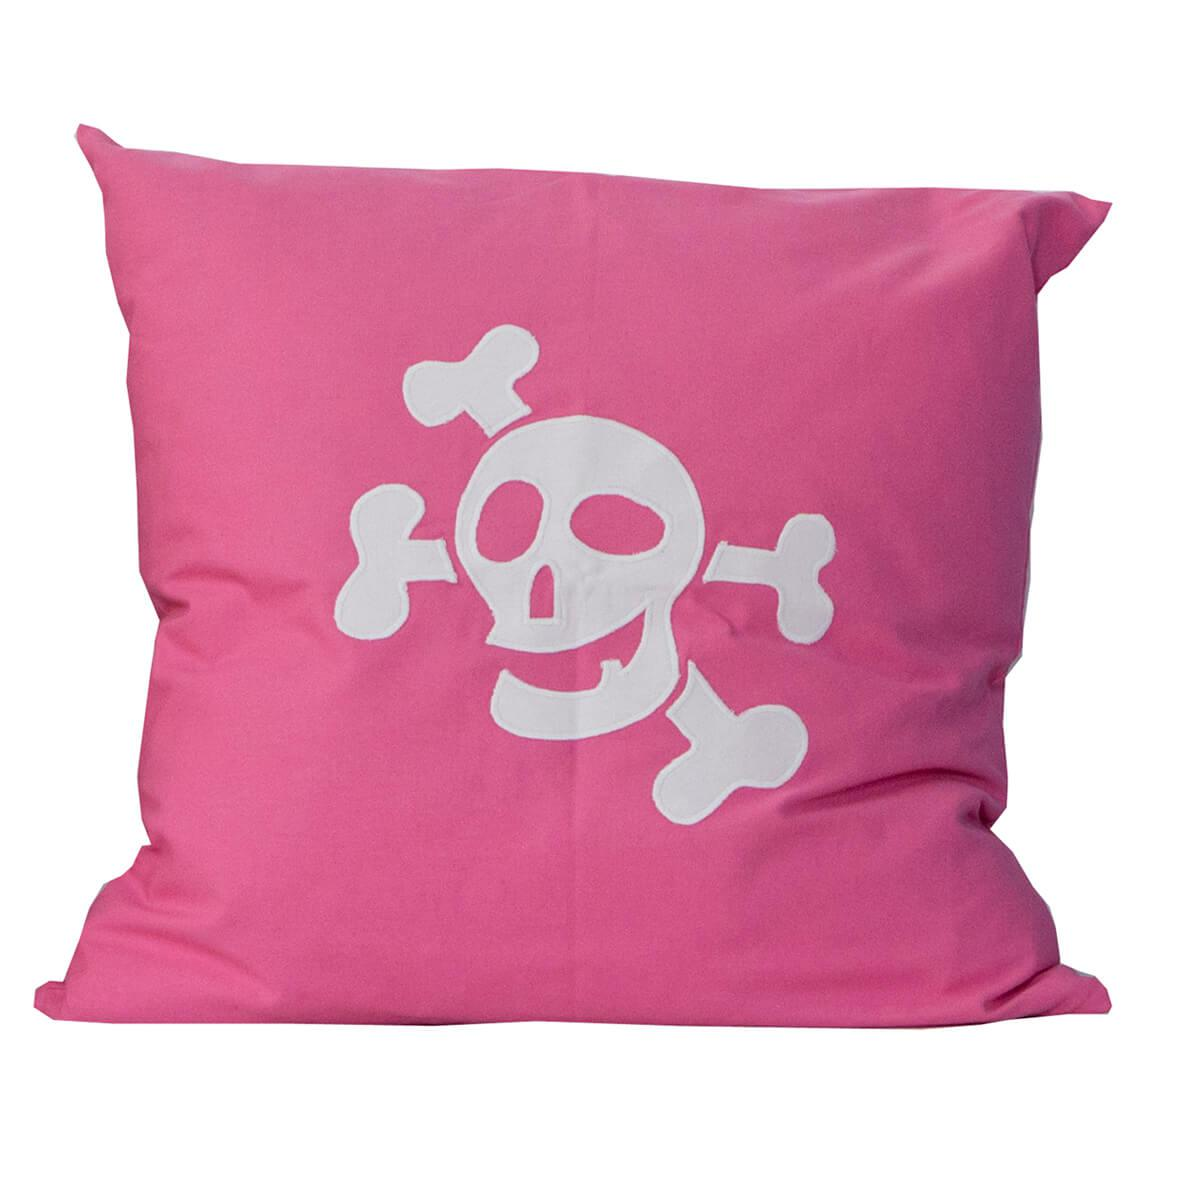 Kissen Pirat 60x60cm DELUXE de Breuyn rosa